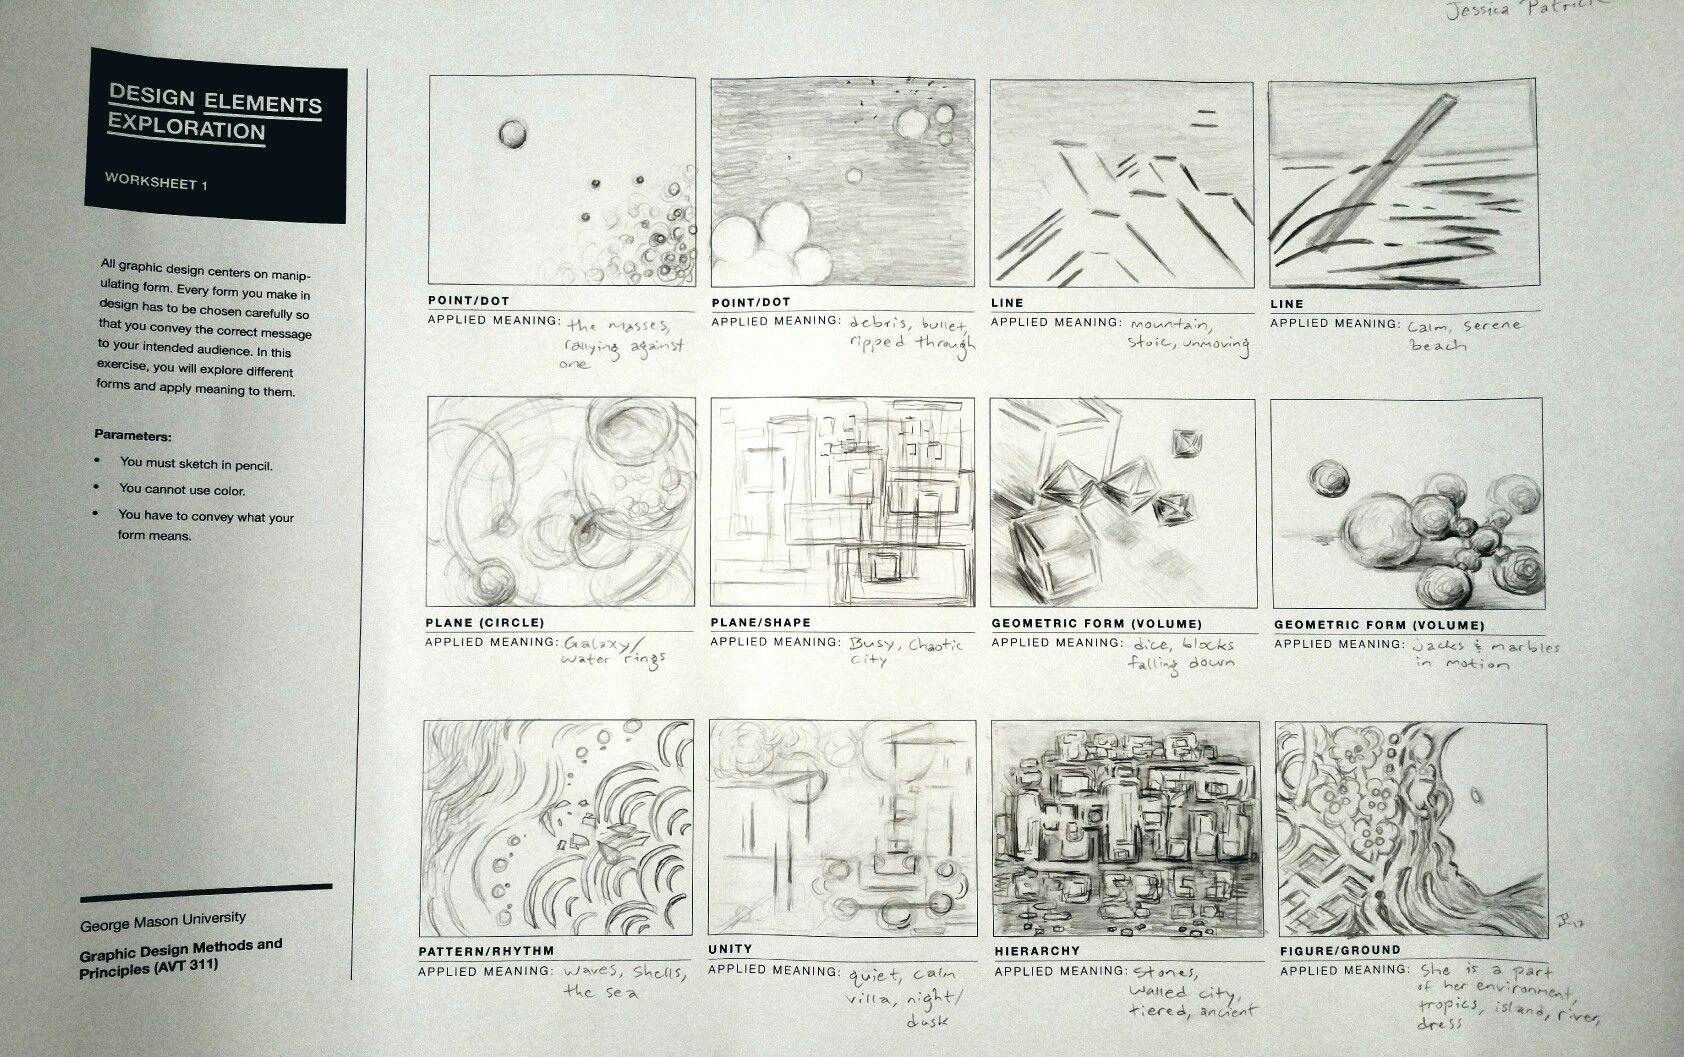 Worksheet 1 Design Elements Exploration Point Dot Line